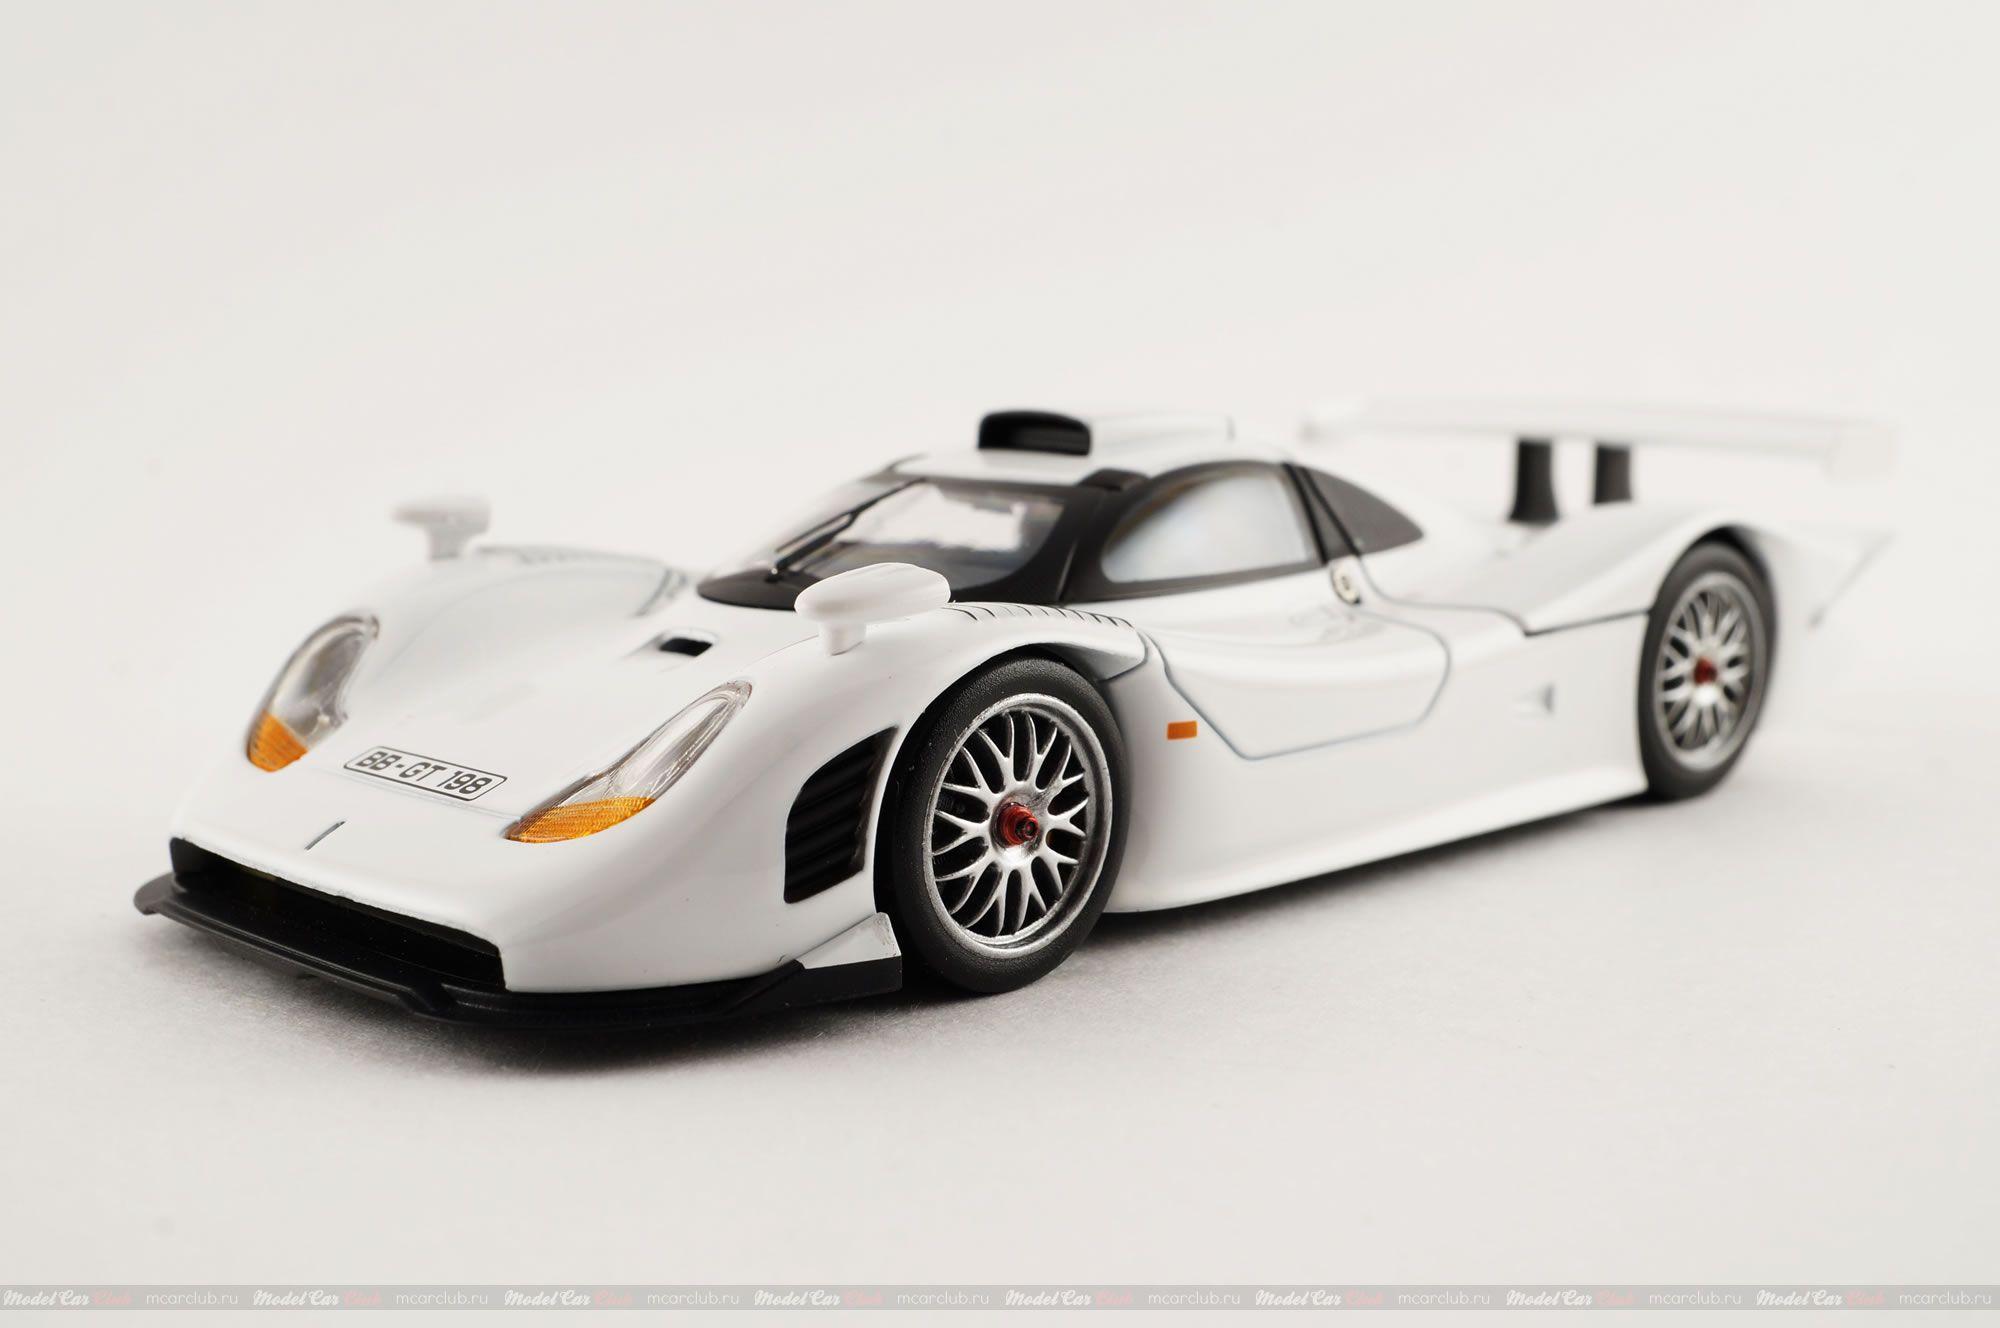 aba921b40bc1b54c87b855c3391e3704 Terrific Porsche 911 Gt1 98 Road Car Cars Trend